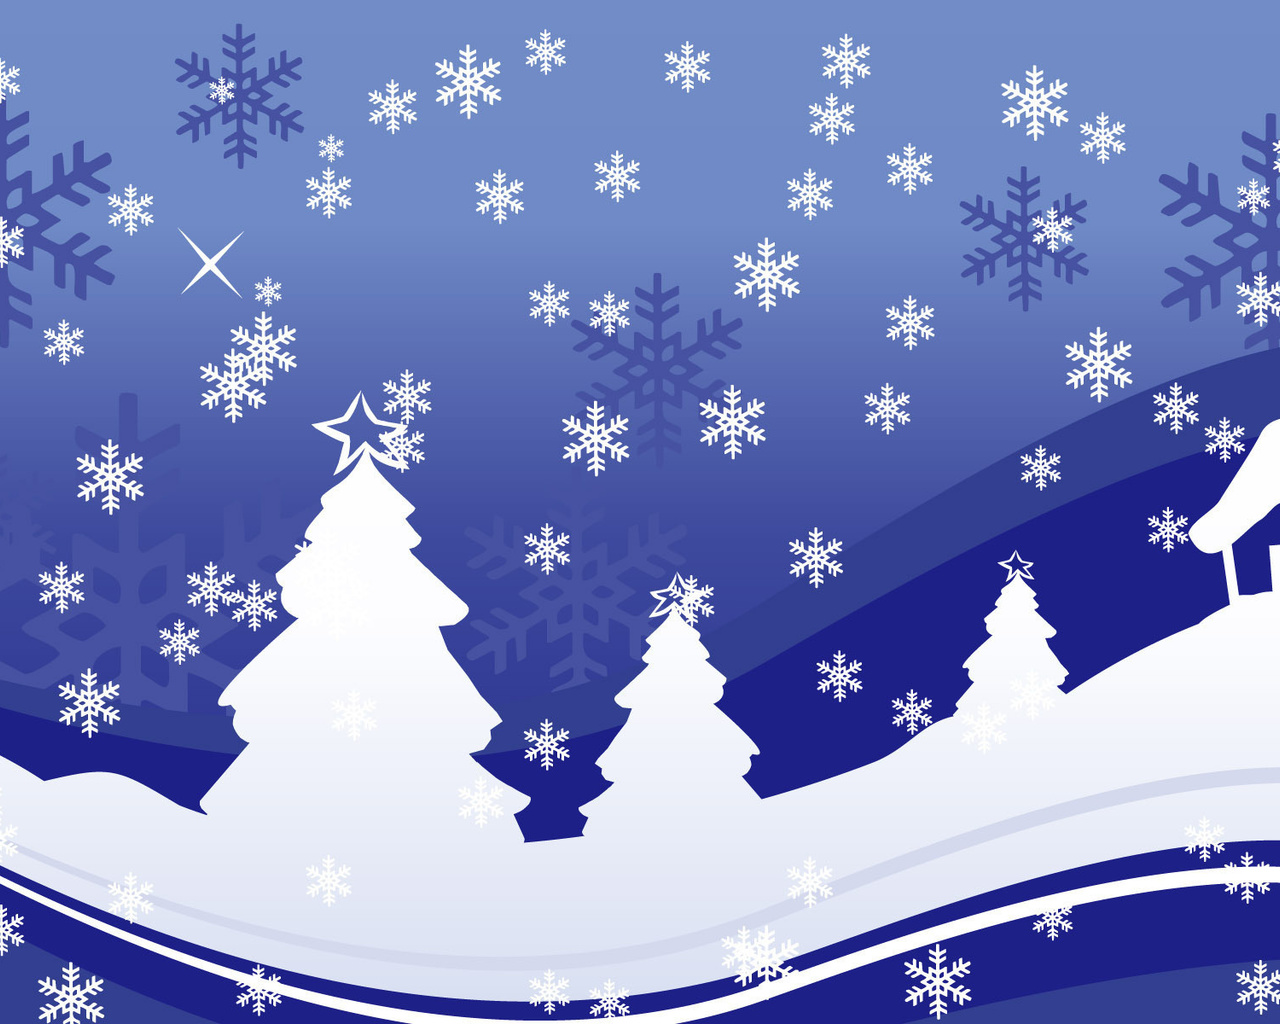 открытки со снежинками и елками для